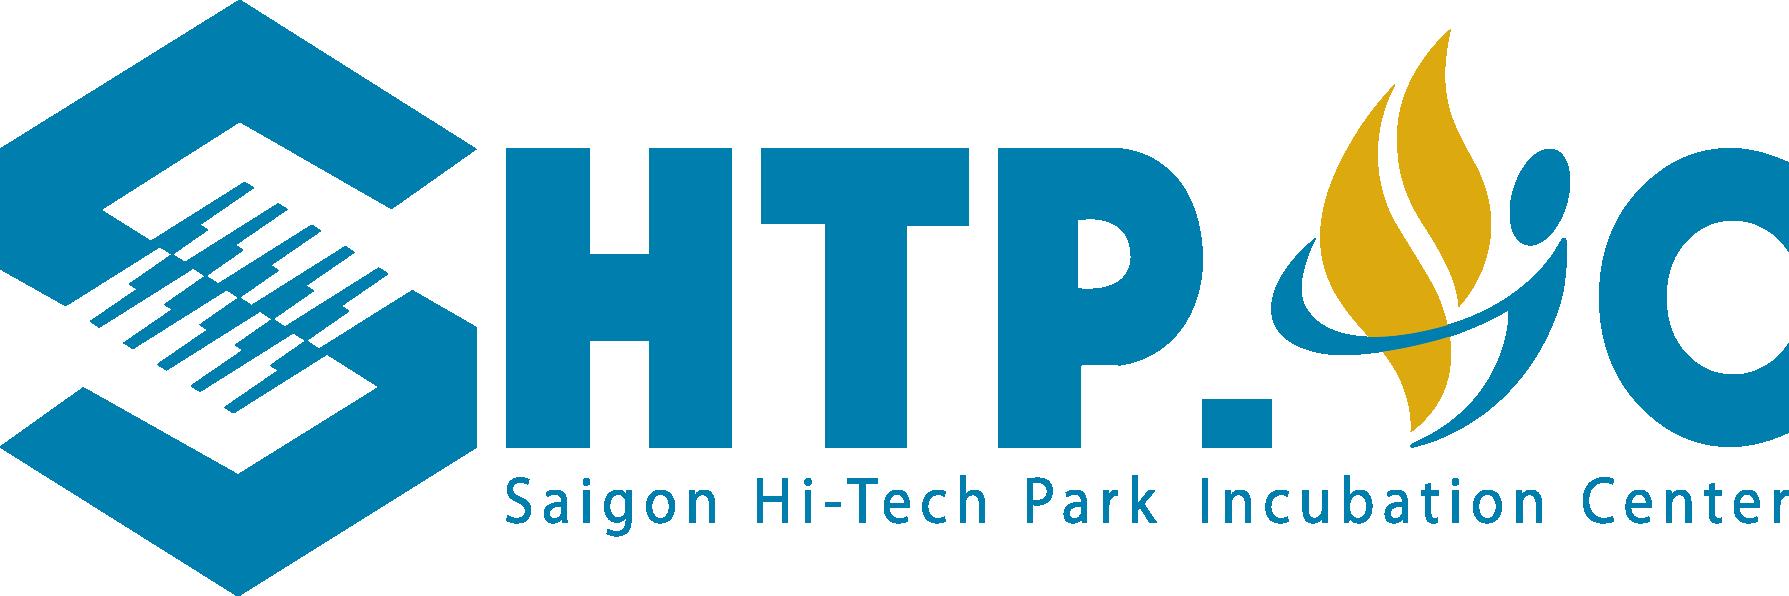 SHTP-IC